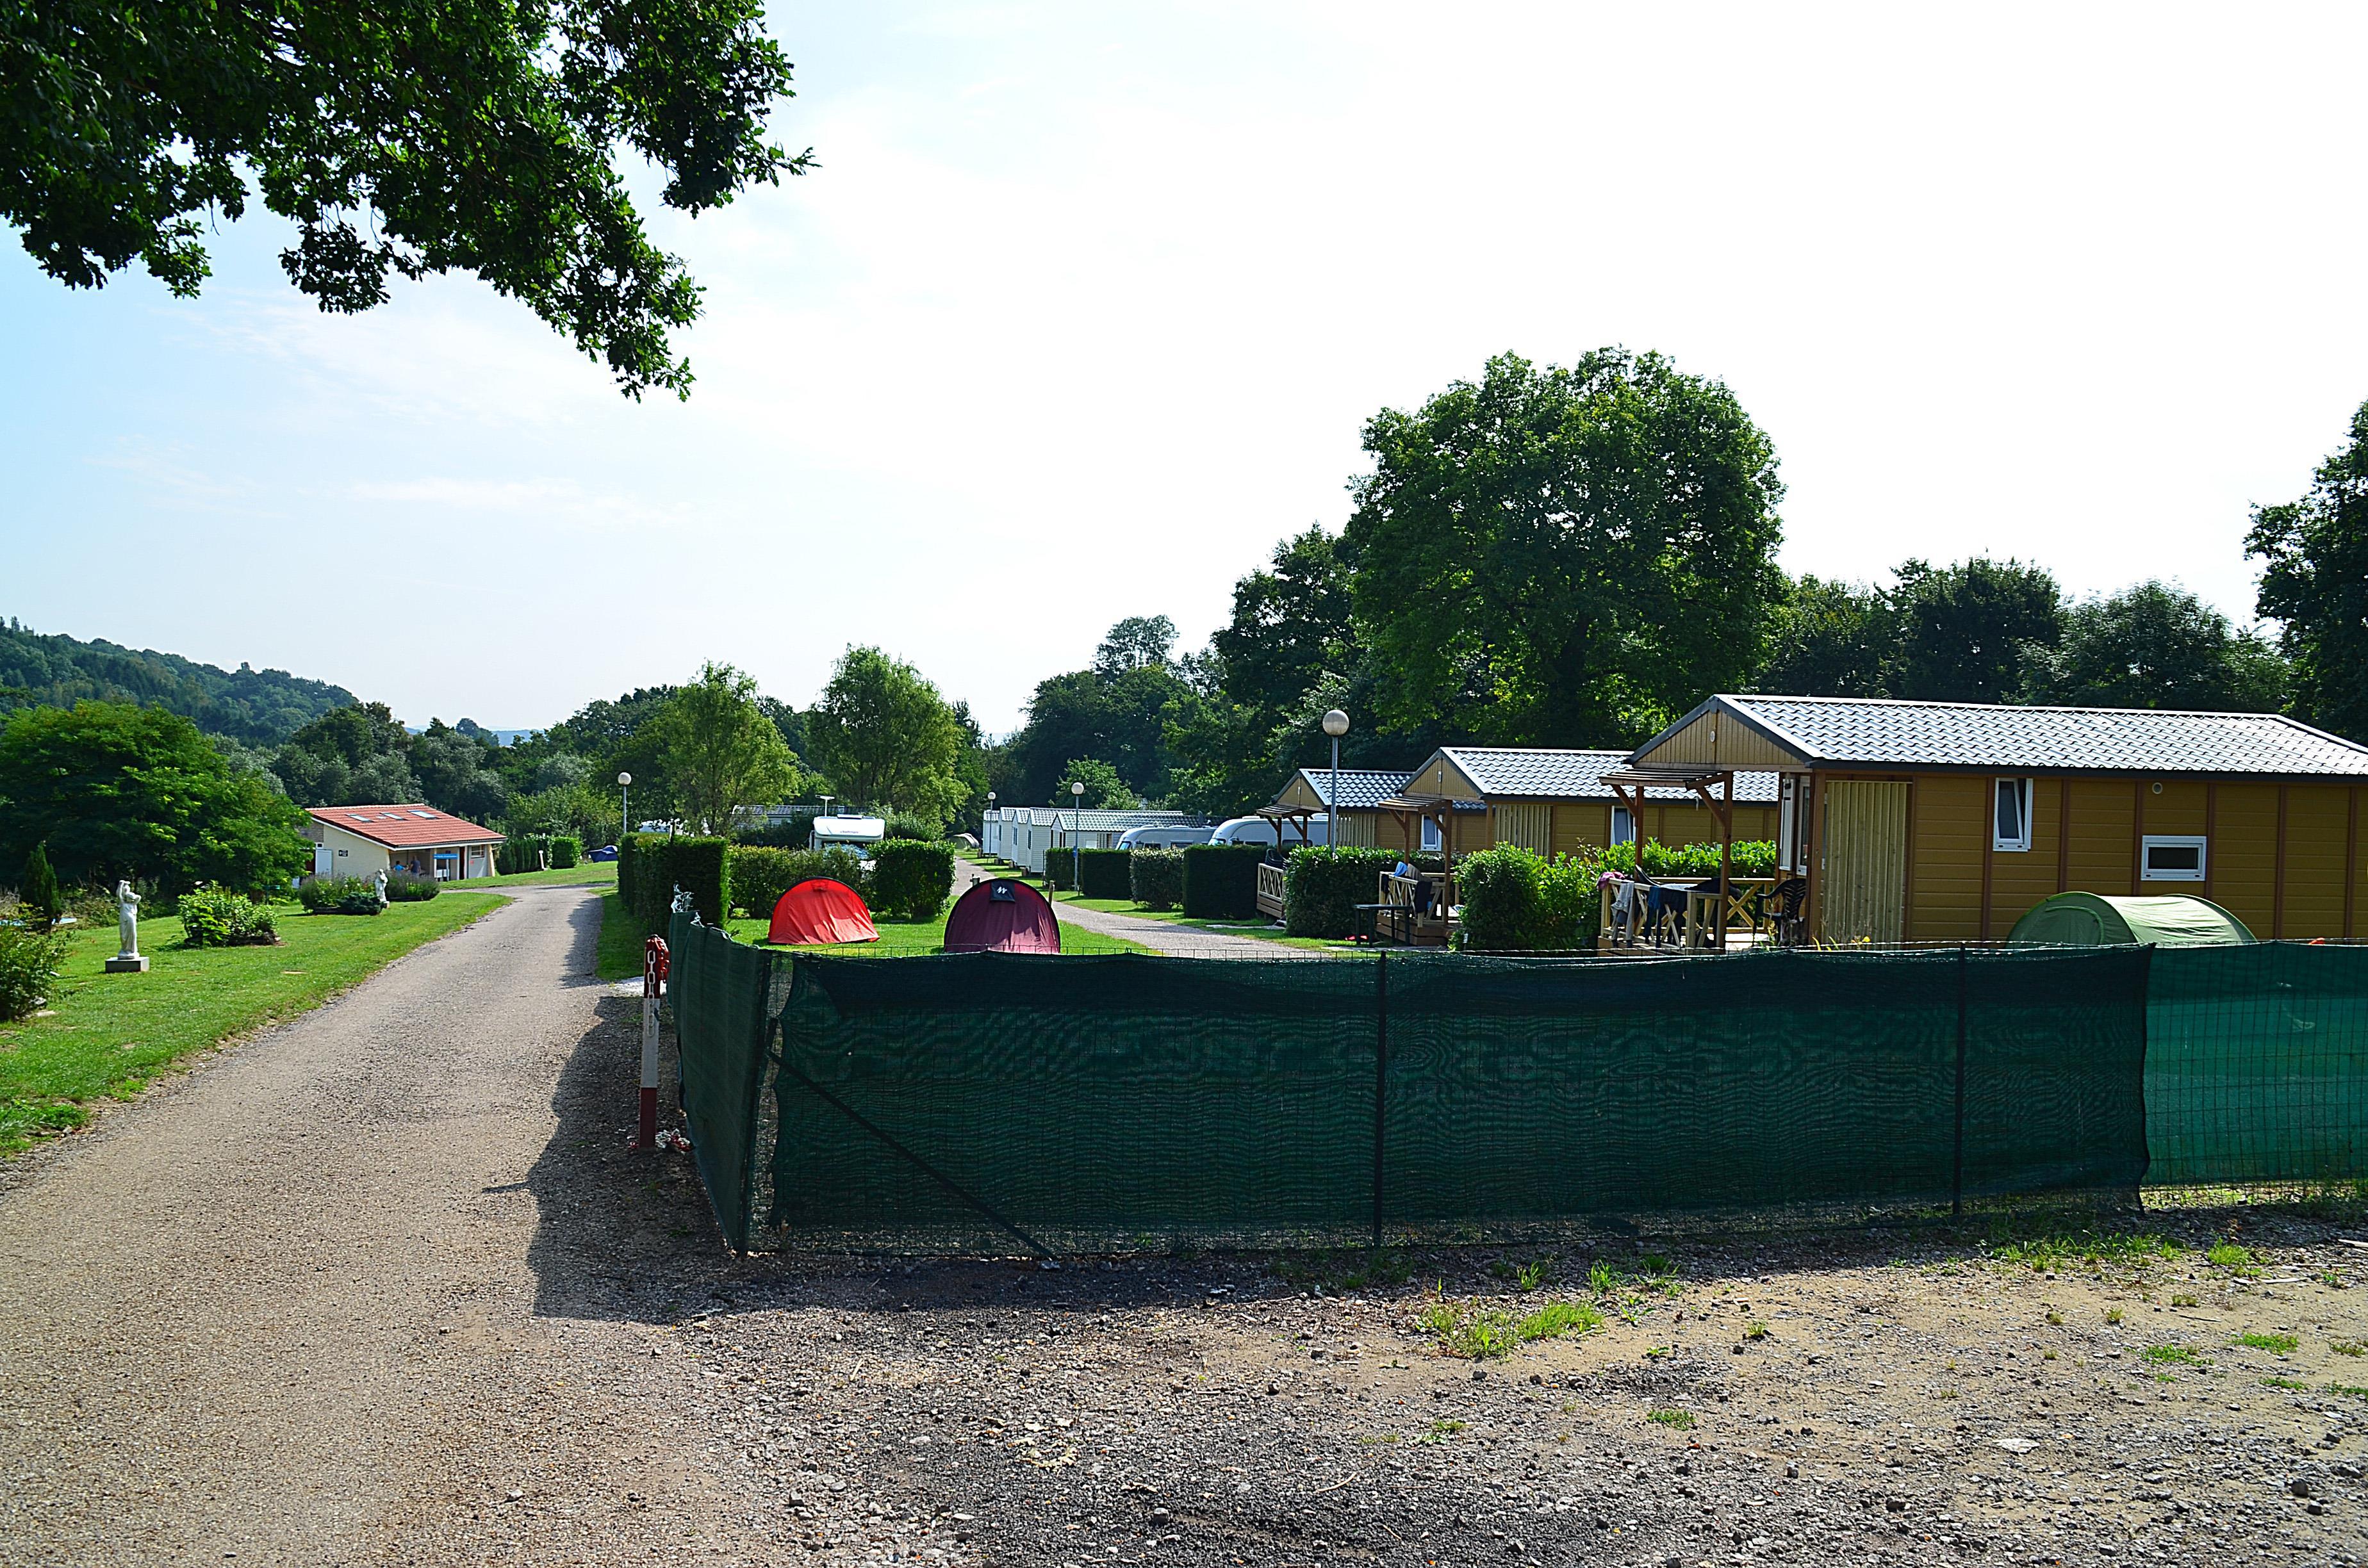 Camping le Croix du Bois Sacker, Burtoncourt, Moselle